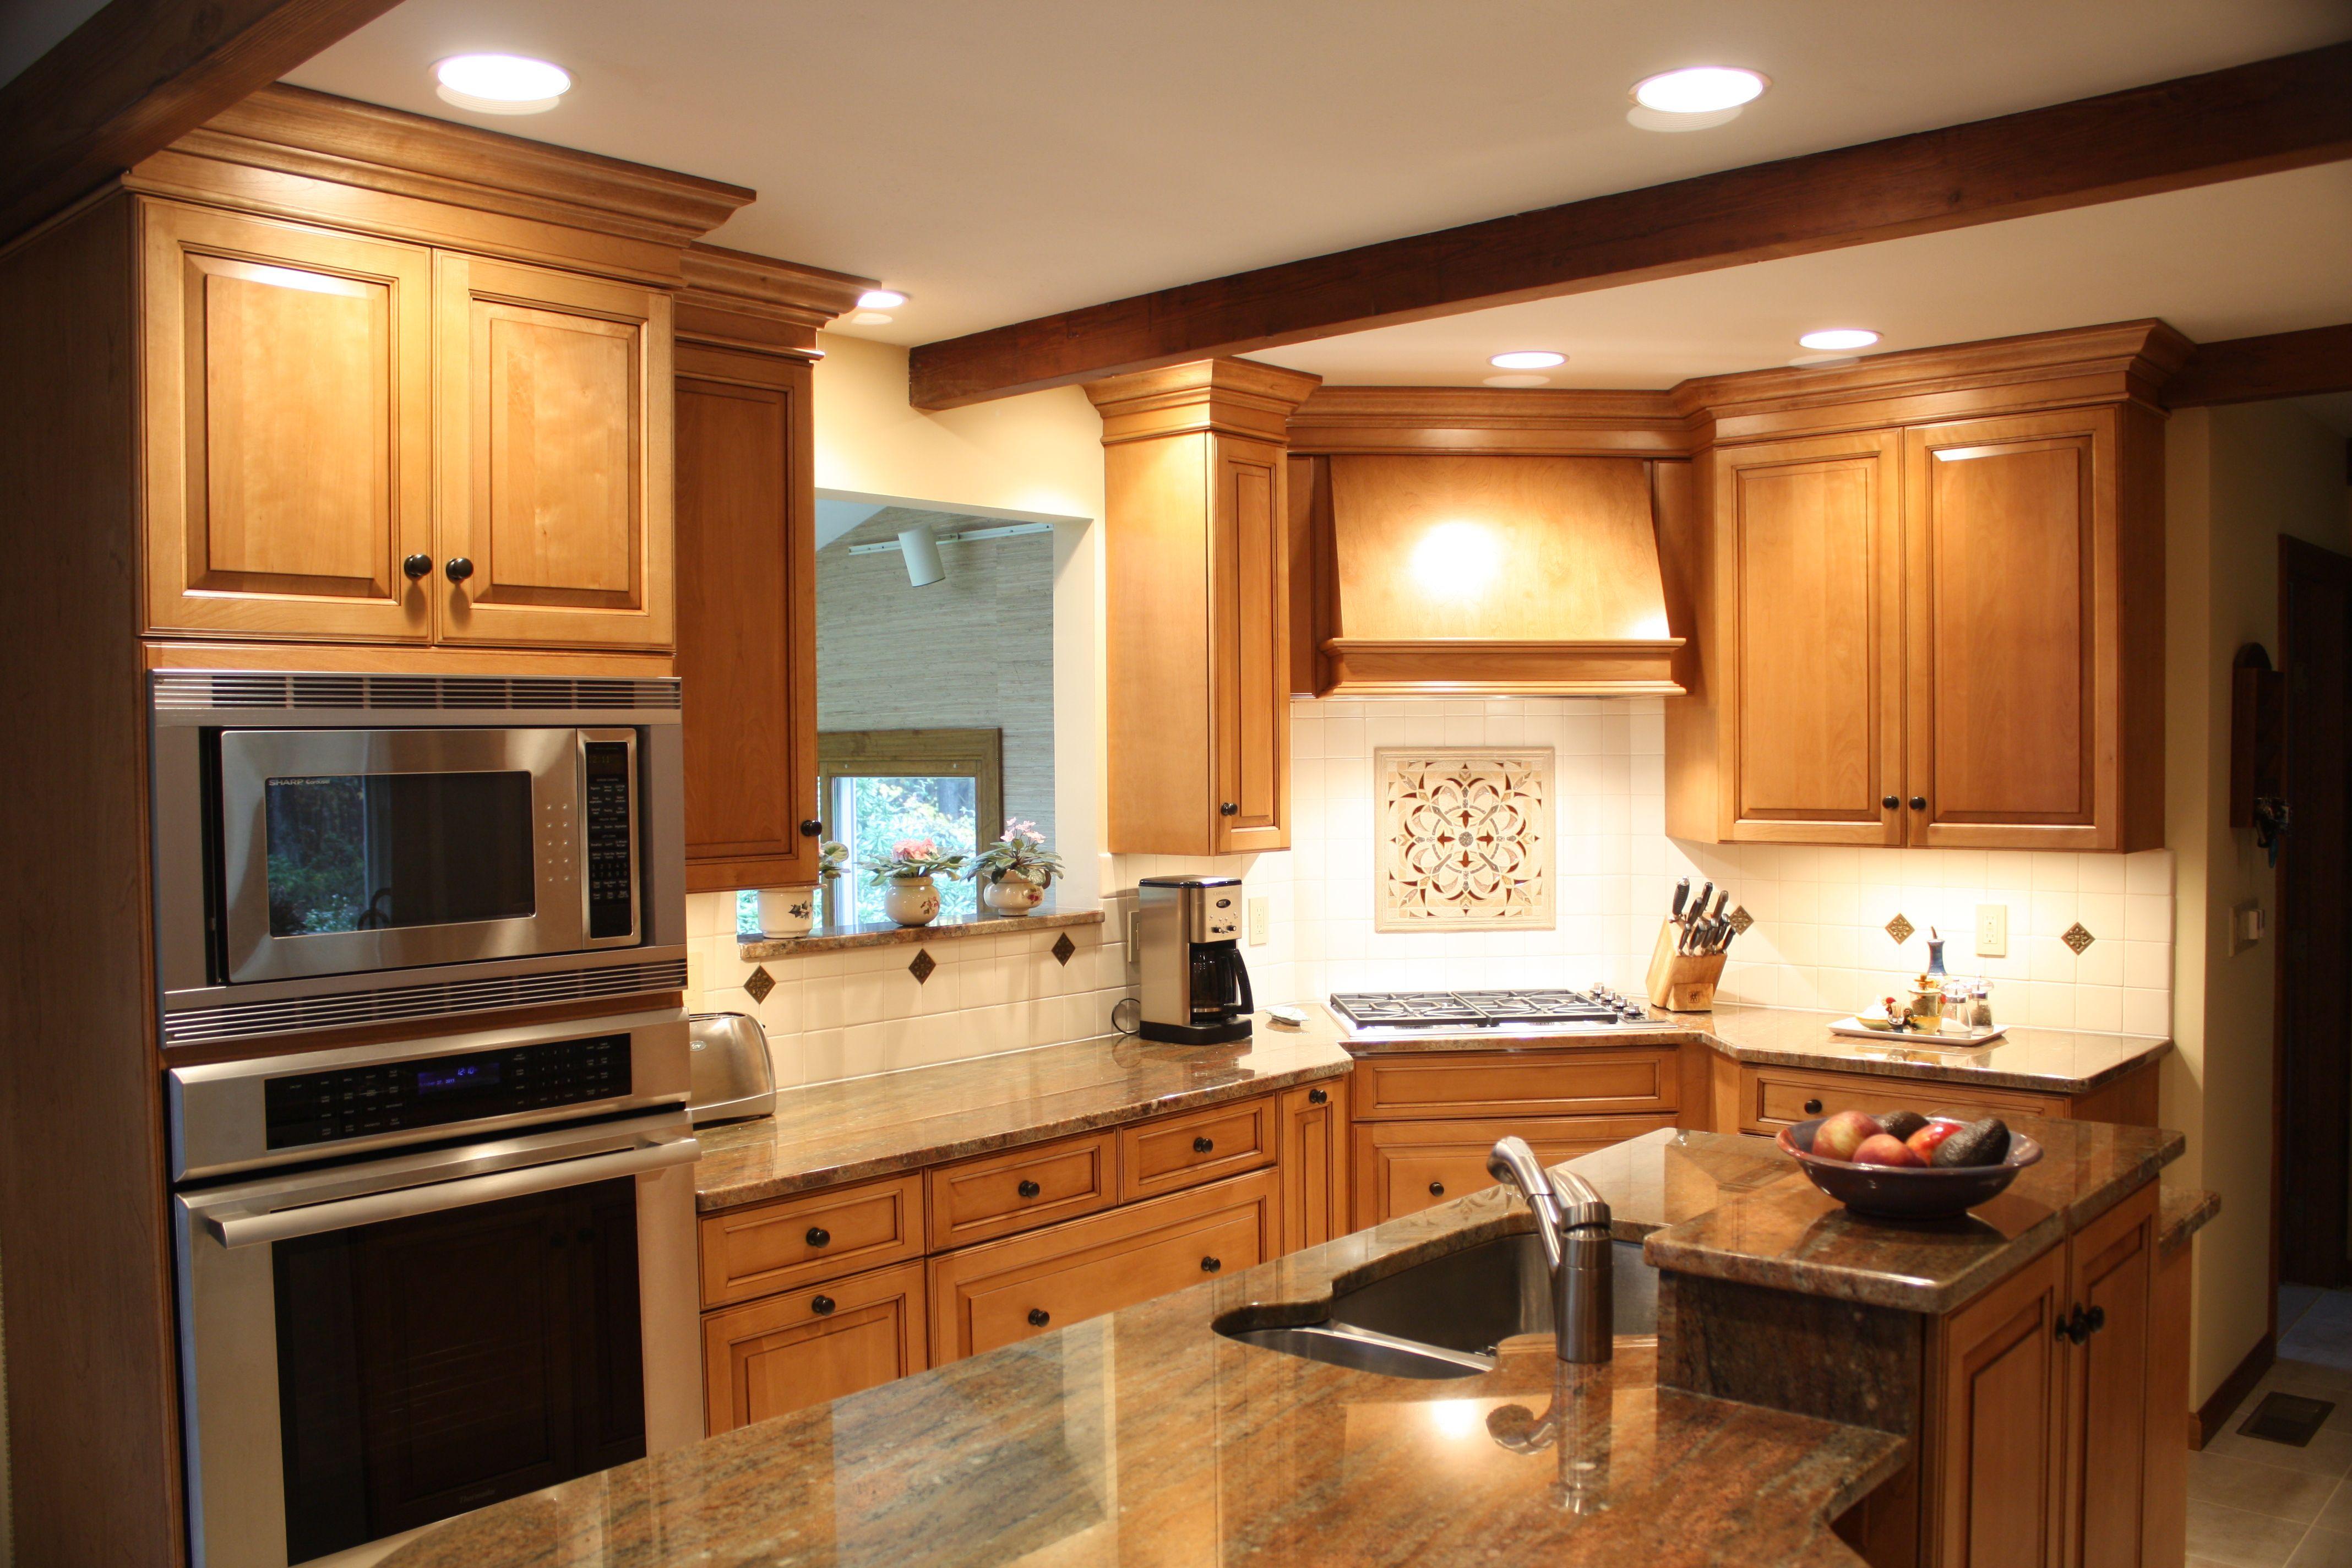 Best Birch Cabinet Kitchens Stainless Steel Appliances Sink 400 x 300